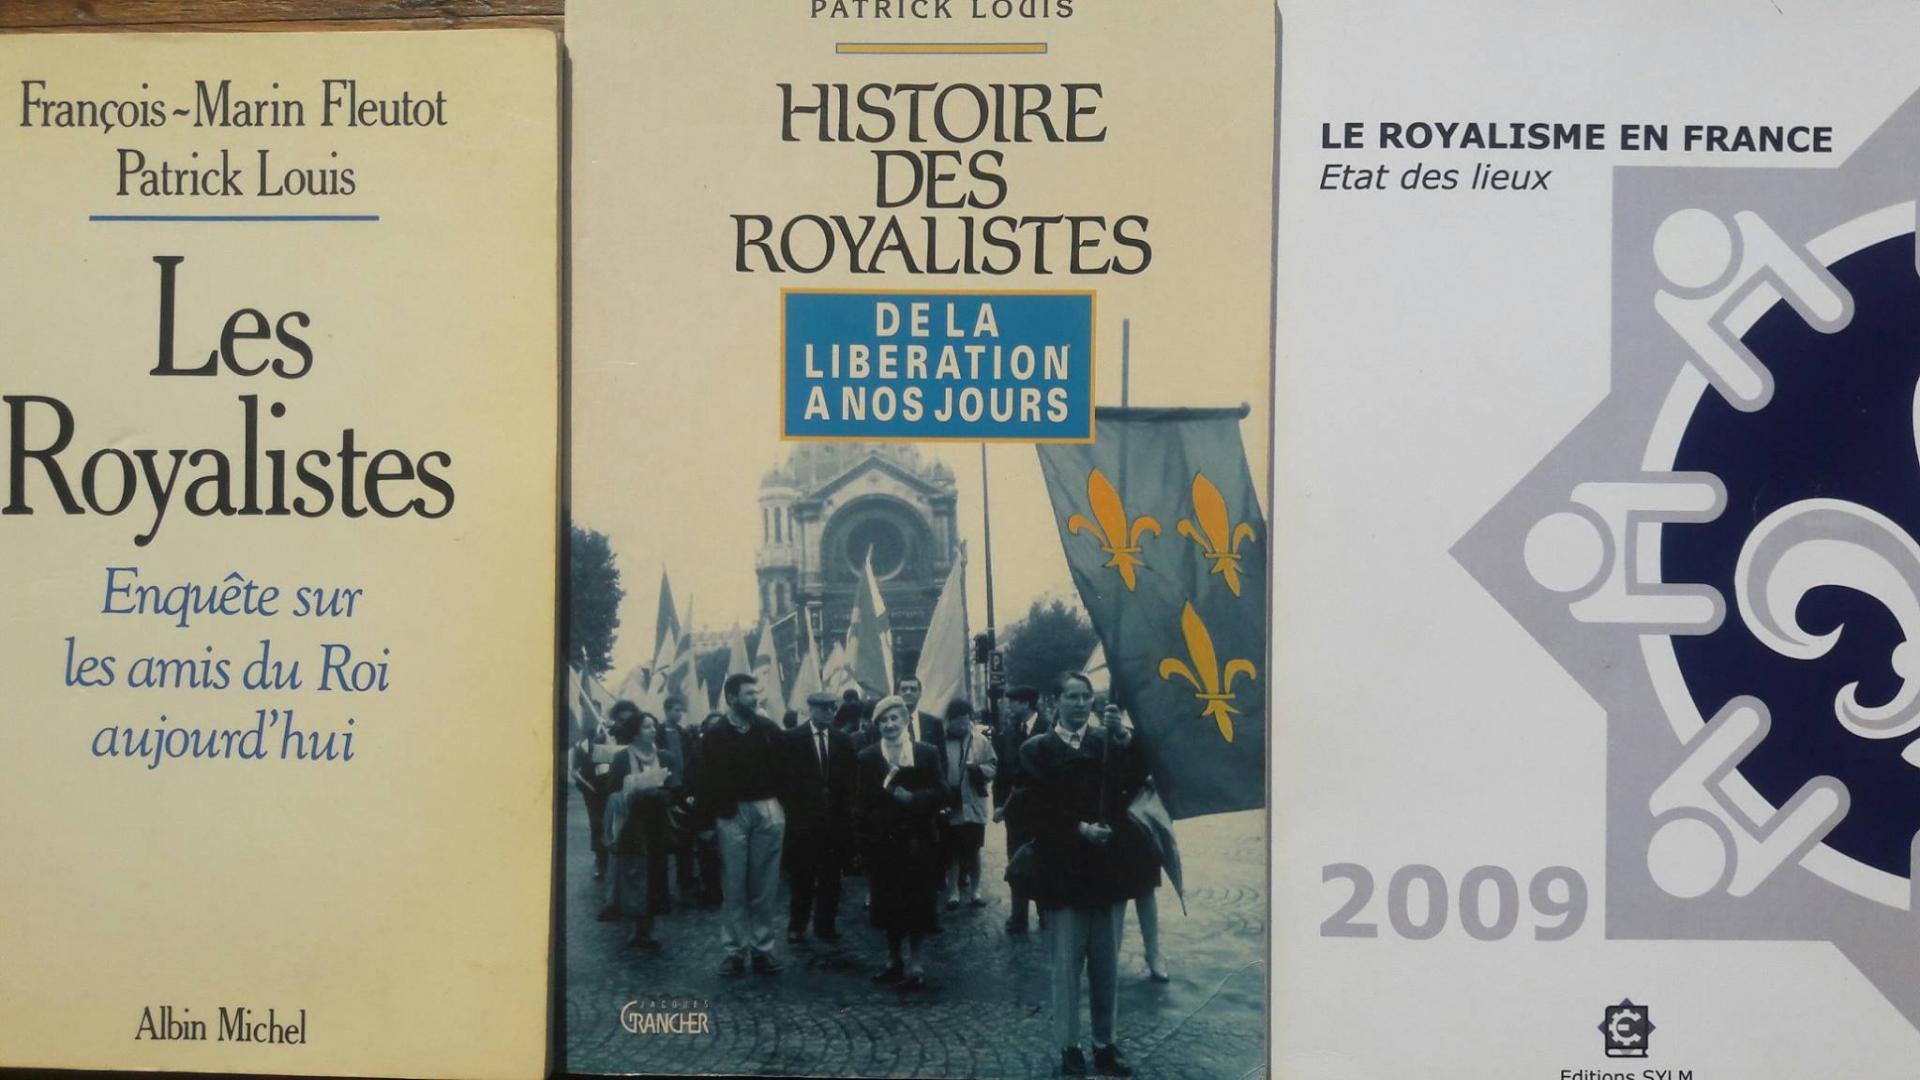 Livre sur le royalisme